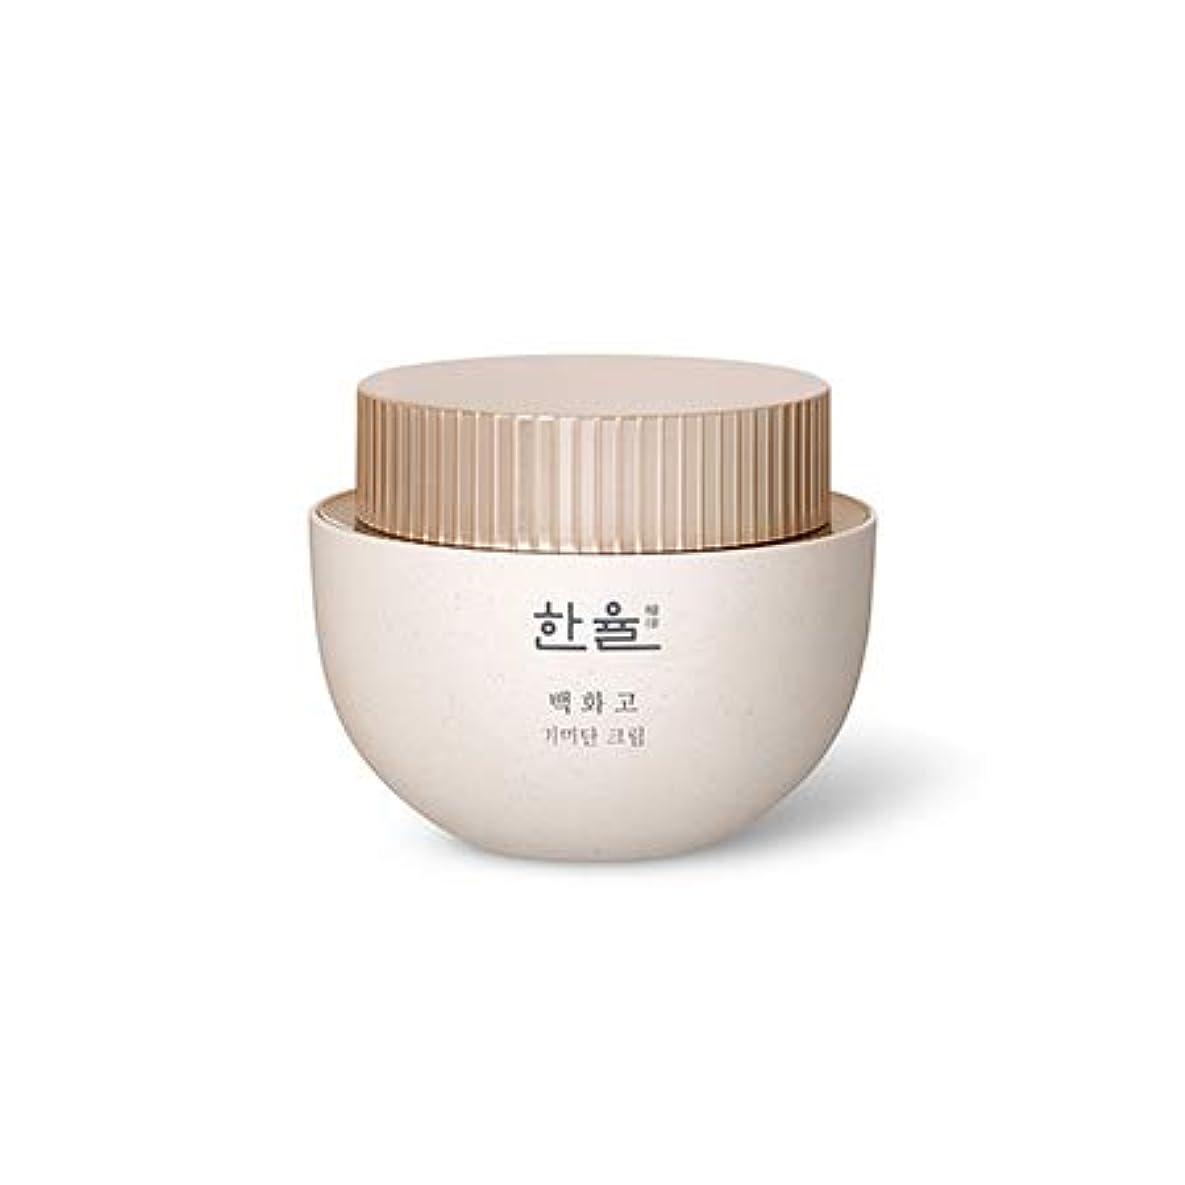 サドル顧問うなる[ハンユル.HANYUL]ベクファゴシミ段クリームHanyul Baek Hwa Goh Anti-Aging Cream(シミ、くすみなどの老化の兆候をケア)